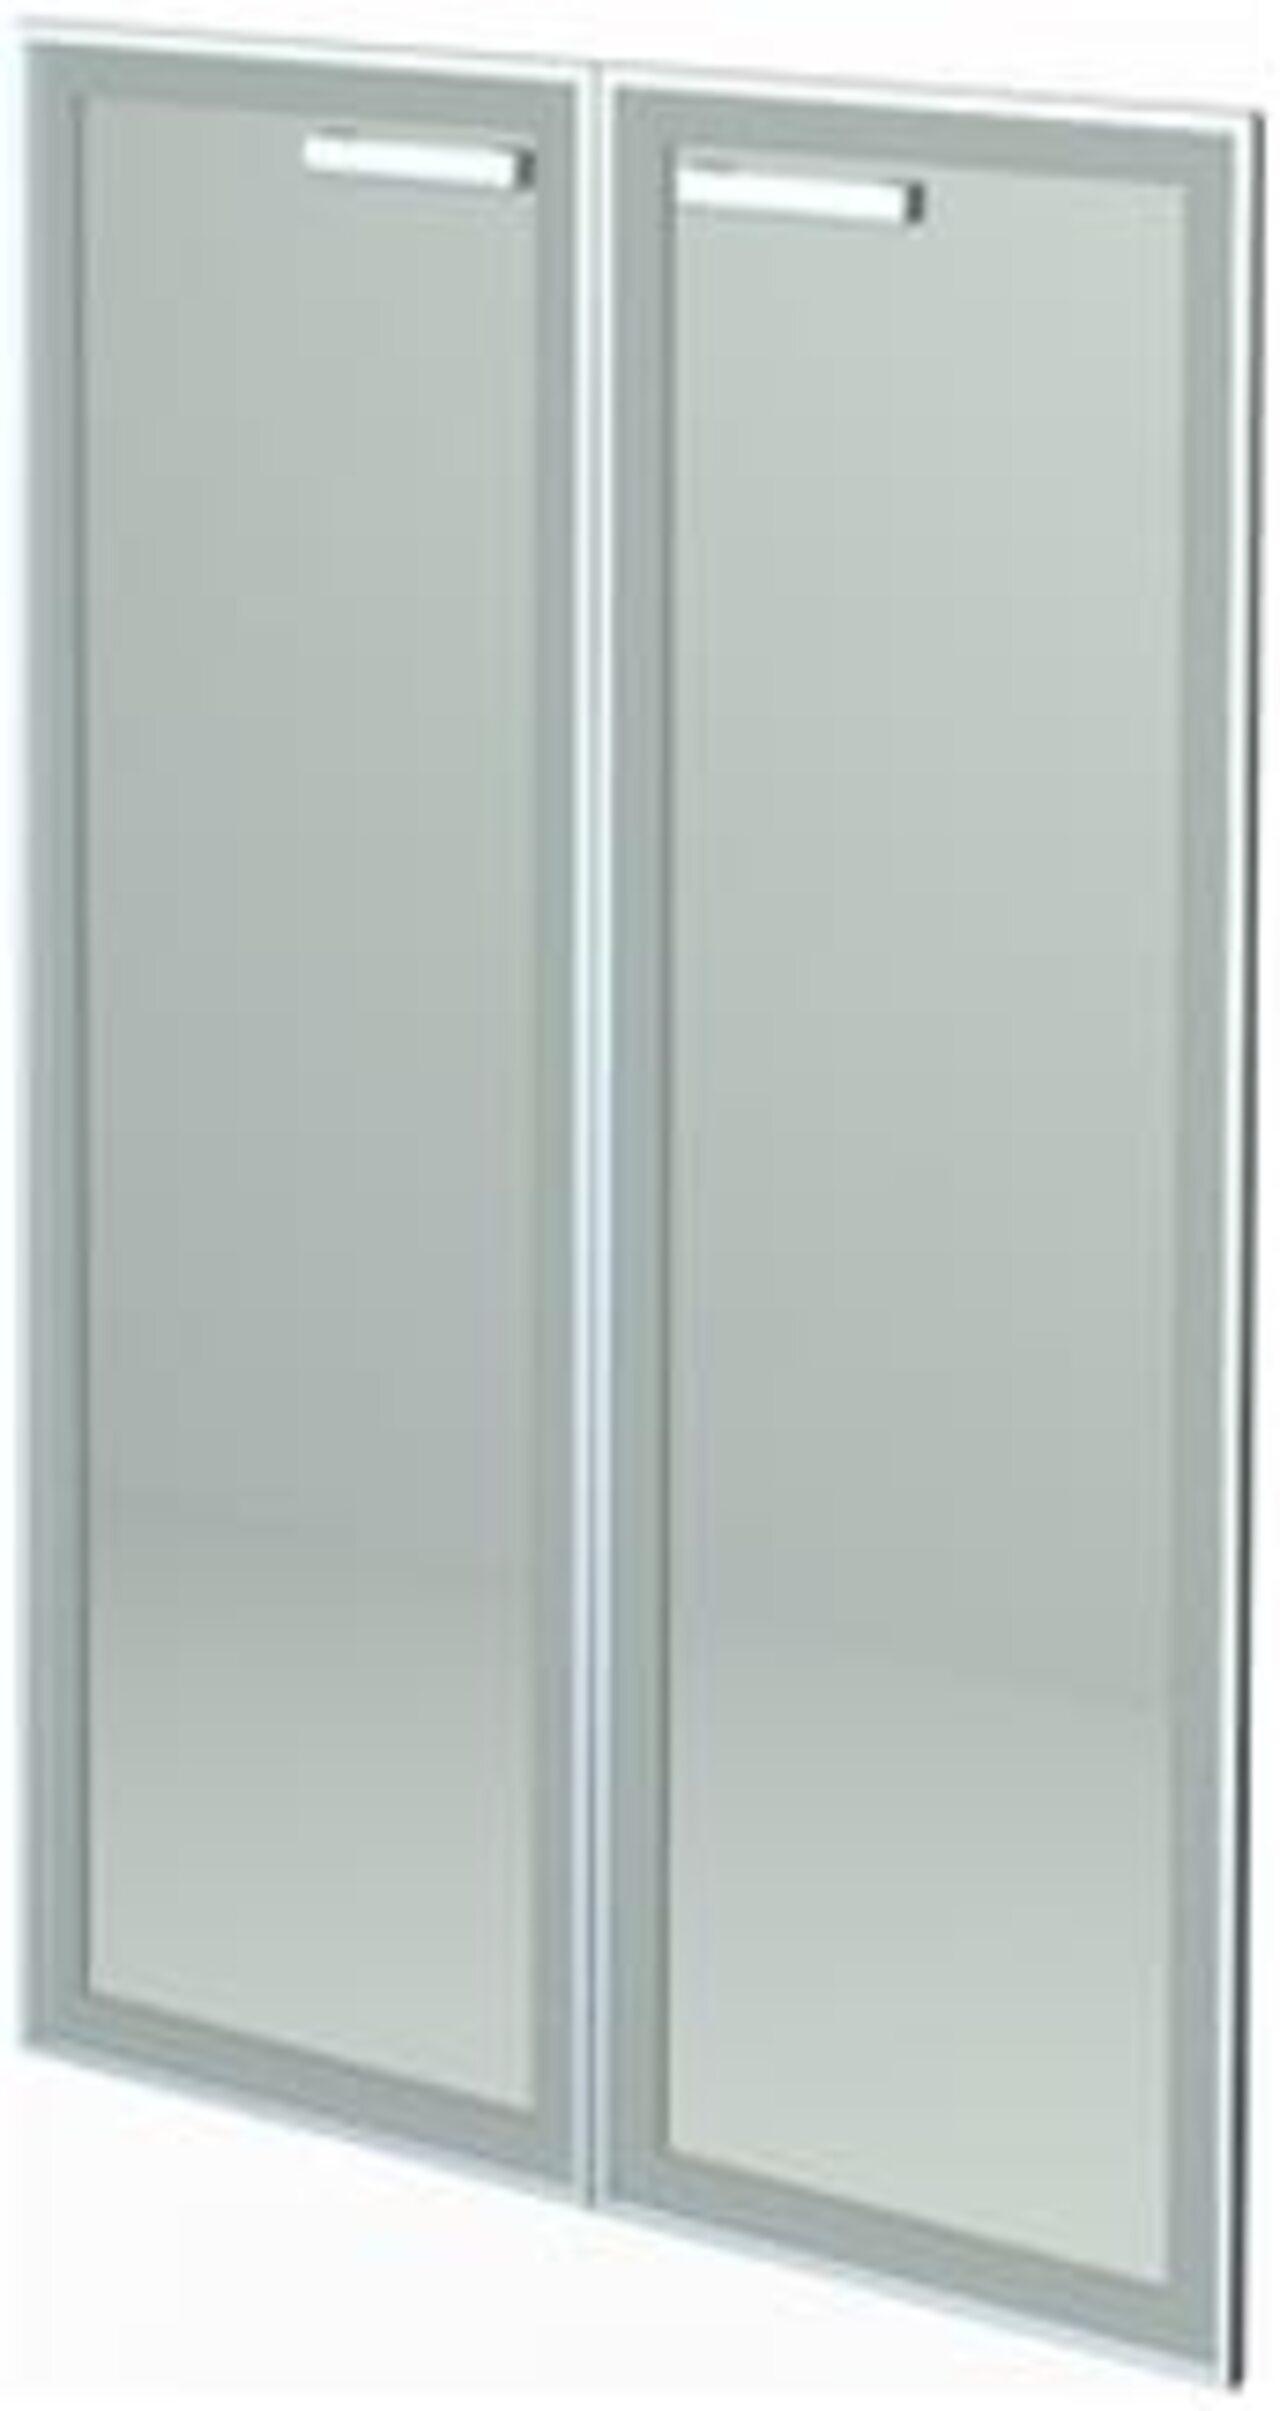 Двери средние стеклянные в алюминиевой раме HT-601.2.СР.Ф сатинат - фото 4